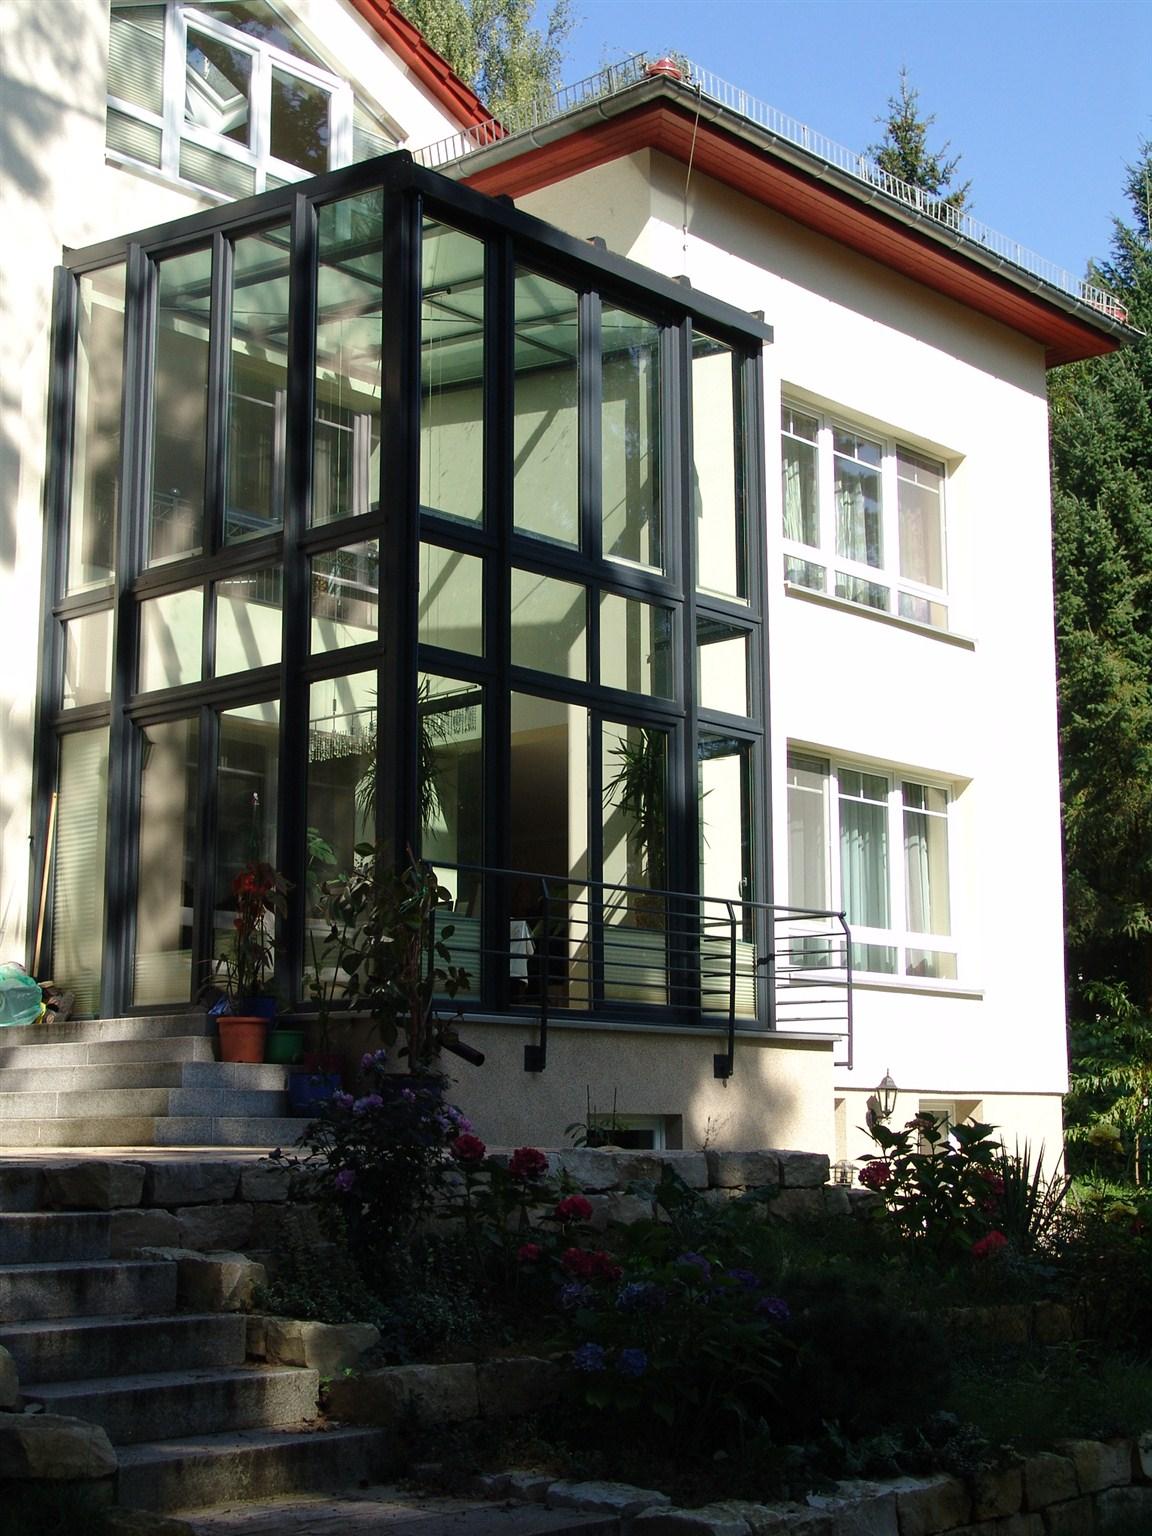 msk winterg rten gmbh ihr spezialist f r winterg rten in berlin und brandenburg. Black Bedroom Furniture Sets. Home Design Ideas